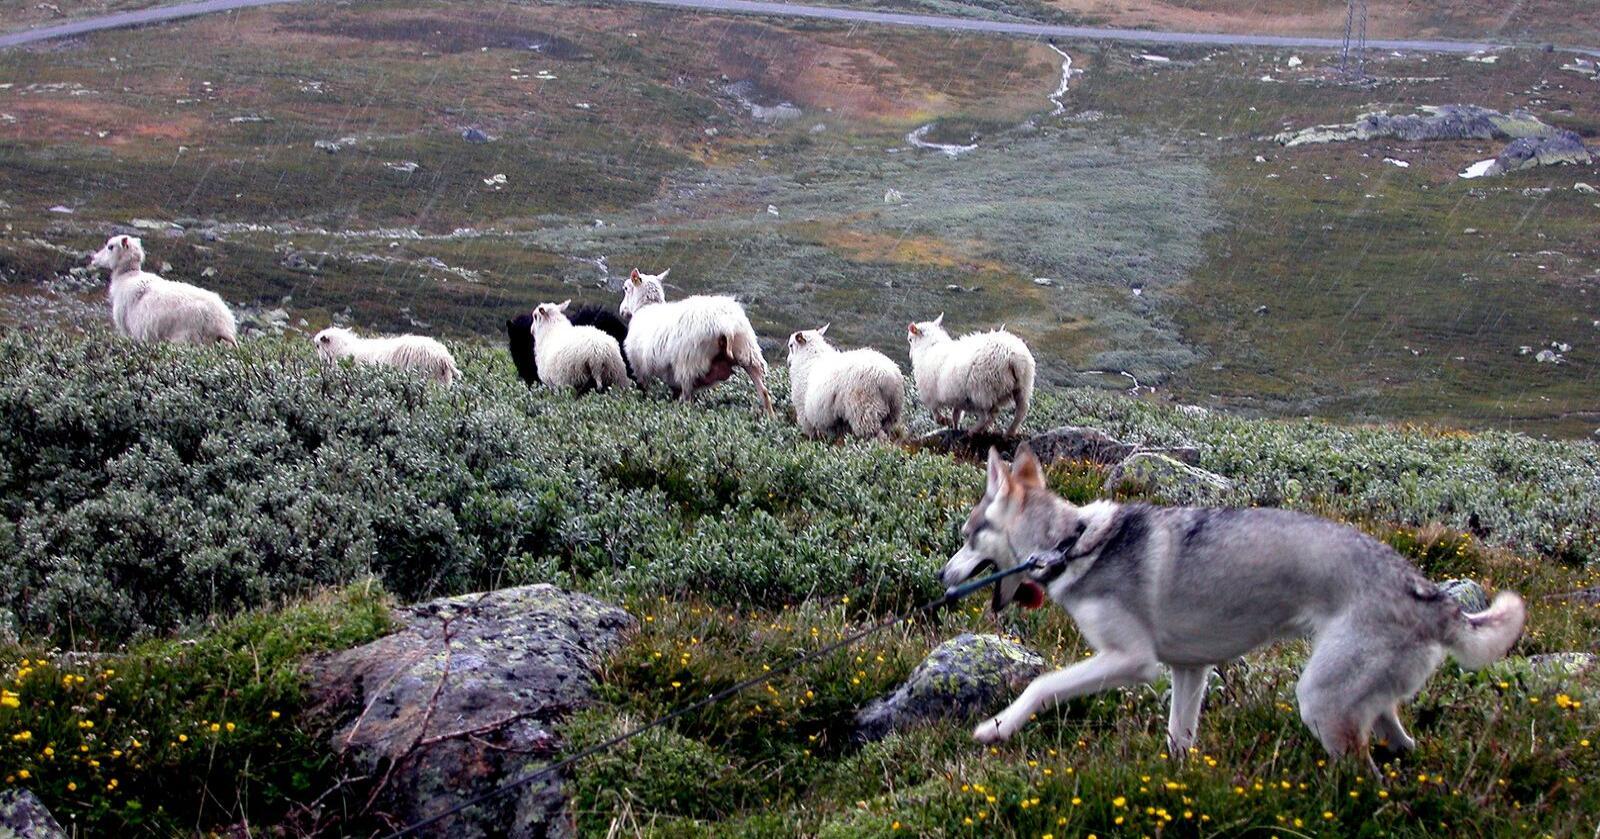 Båndtvang: Brudd på påbudet om båndtvang og hundeangrep på beitedyr må meldes til politiet. Foto: Berit Keilen / NTB